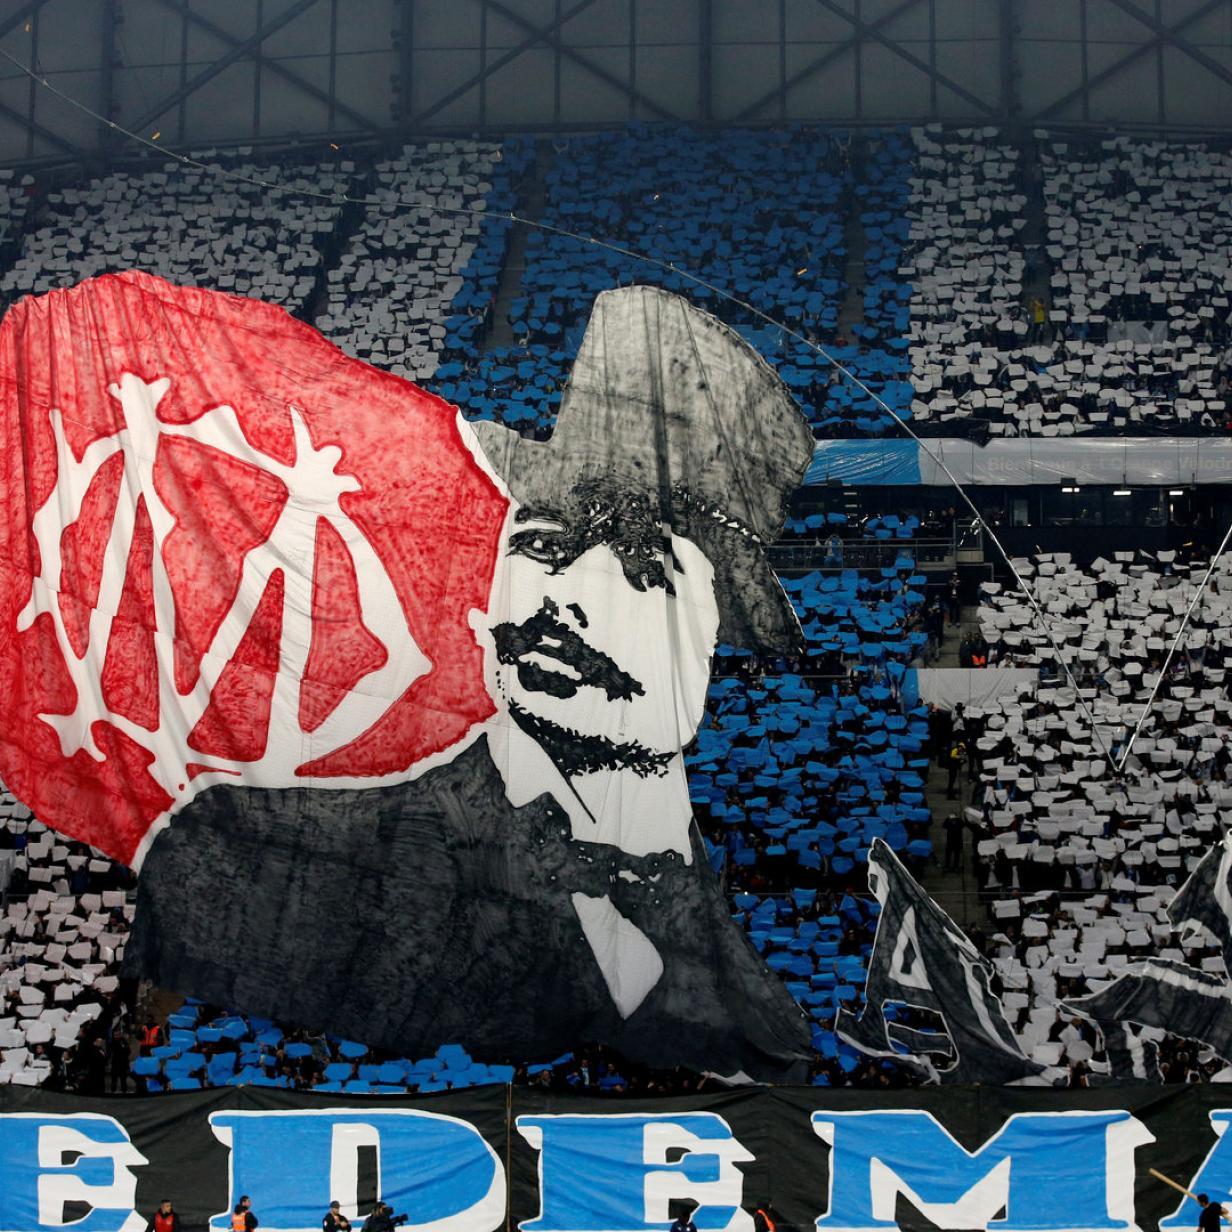 Gigantisch: So feiern Fans den 120. Geburtstag von Marseille